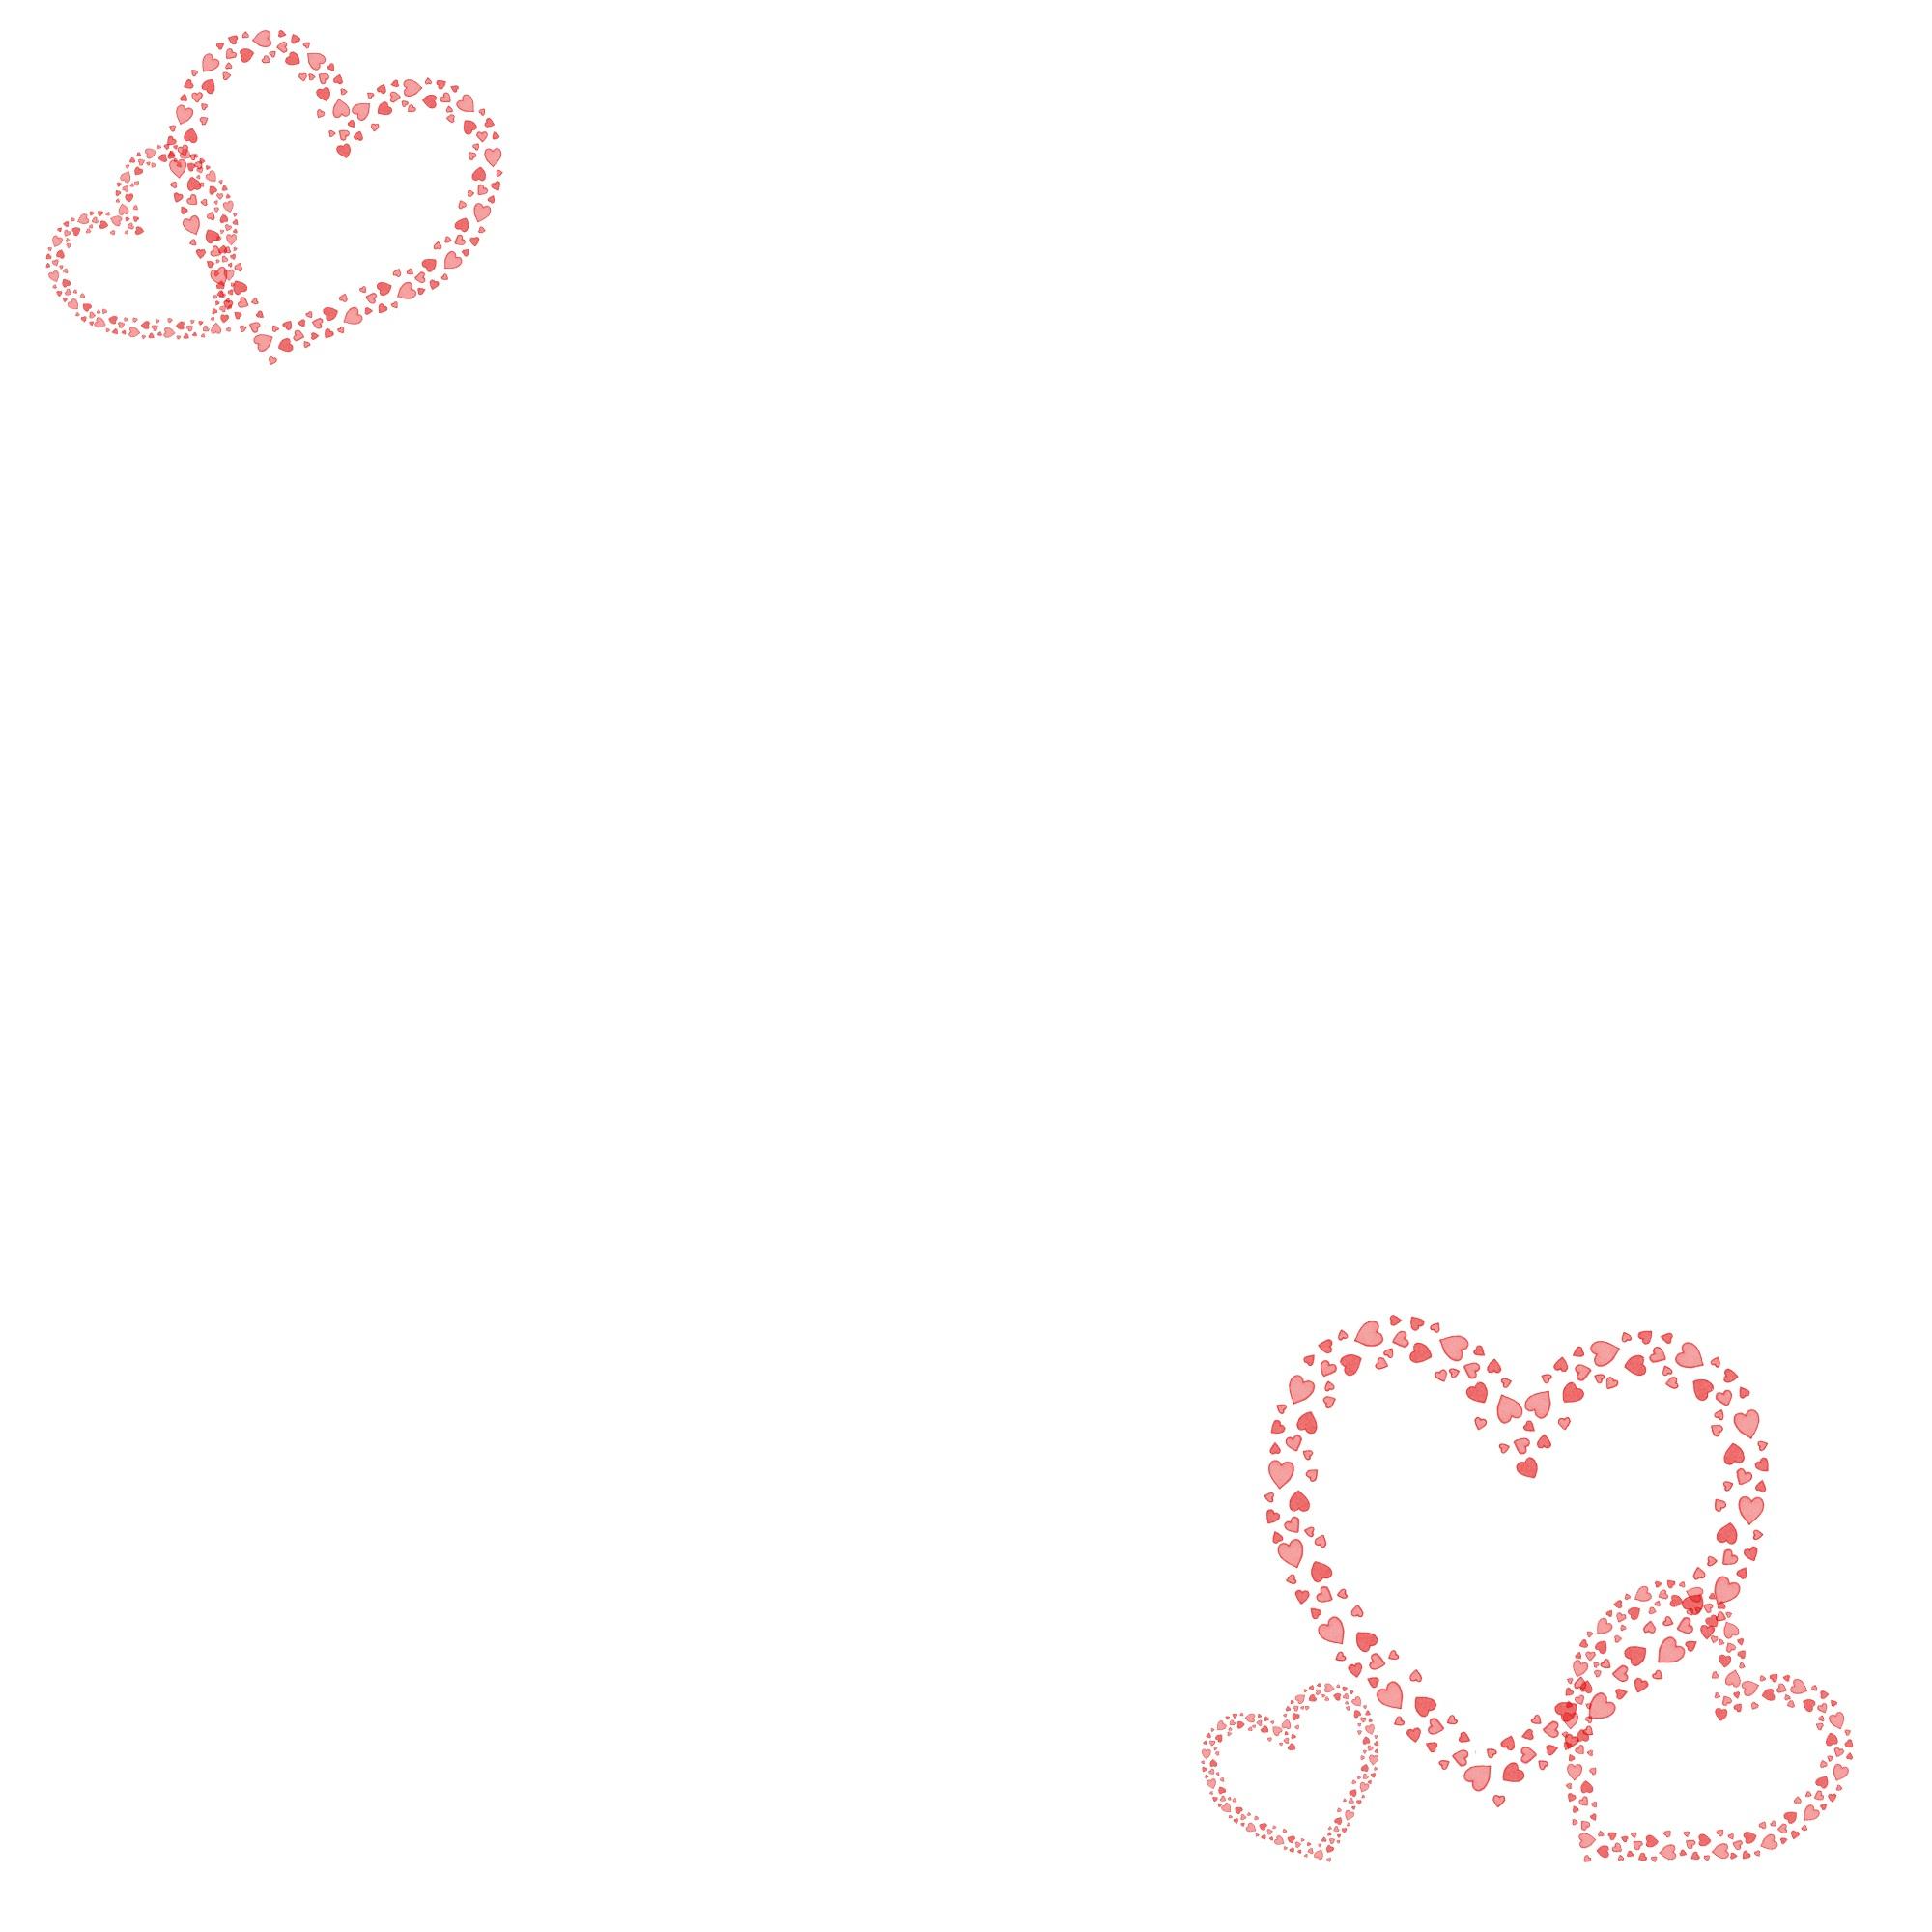 Liebe Herz Linie Romantik Romantisch Rosa Hochzeit Braut Ehe Engagement  Produkt Schmuck Schriftart Text Herzen Liebhaber